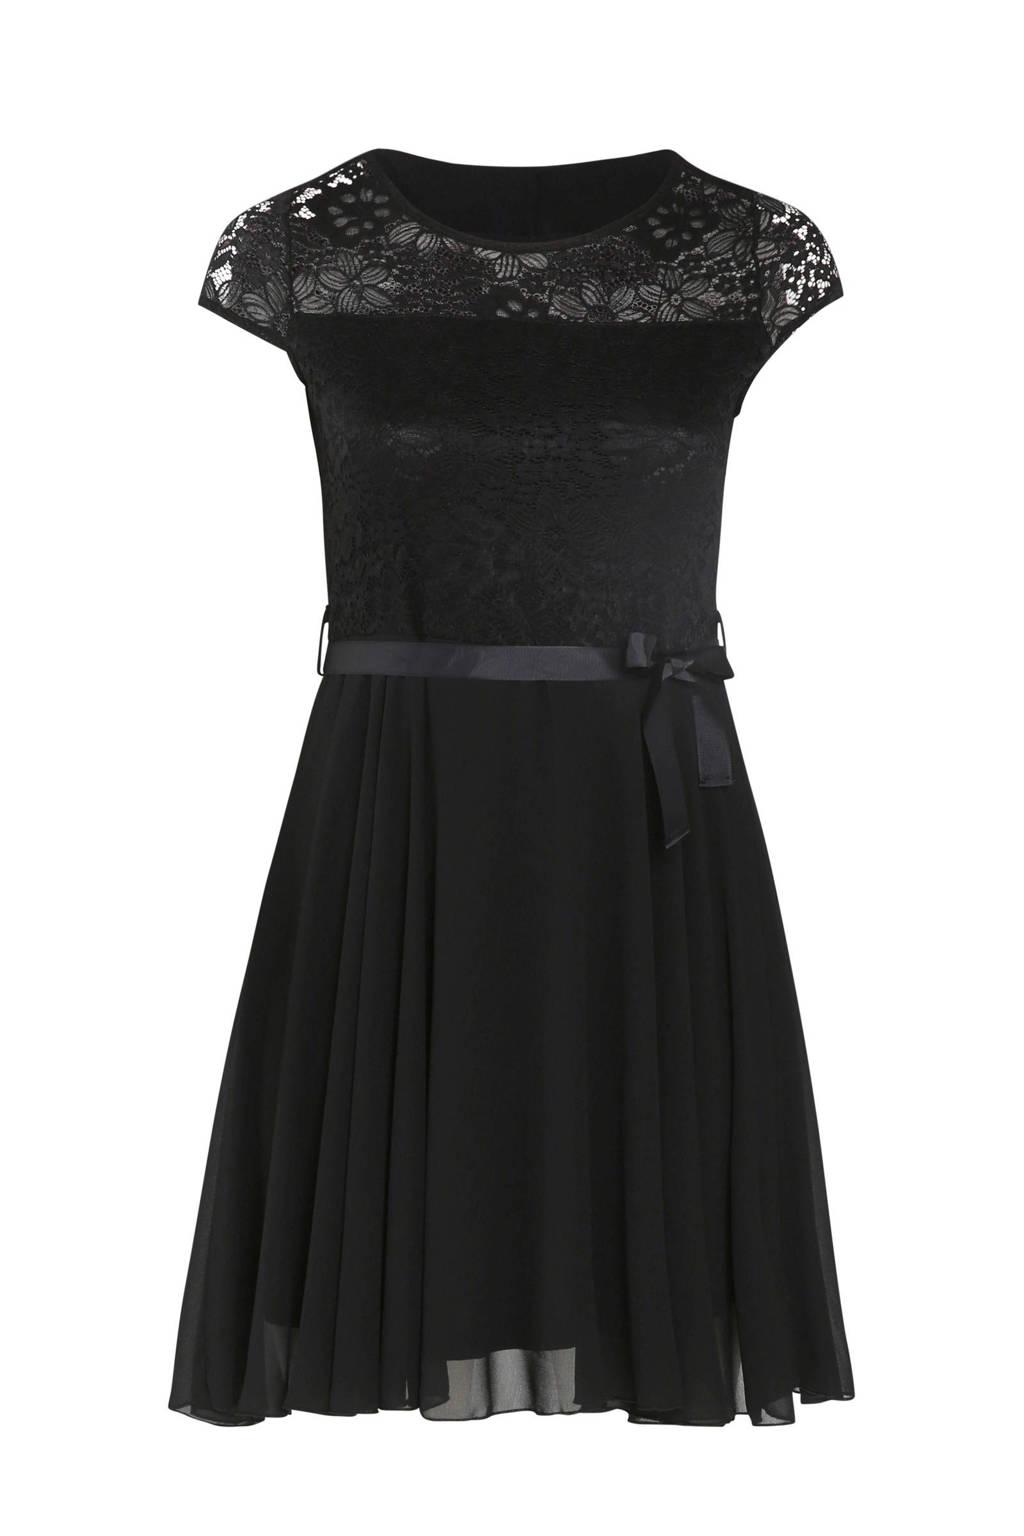 Paprika jurk met kant zwart, Zwart